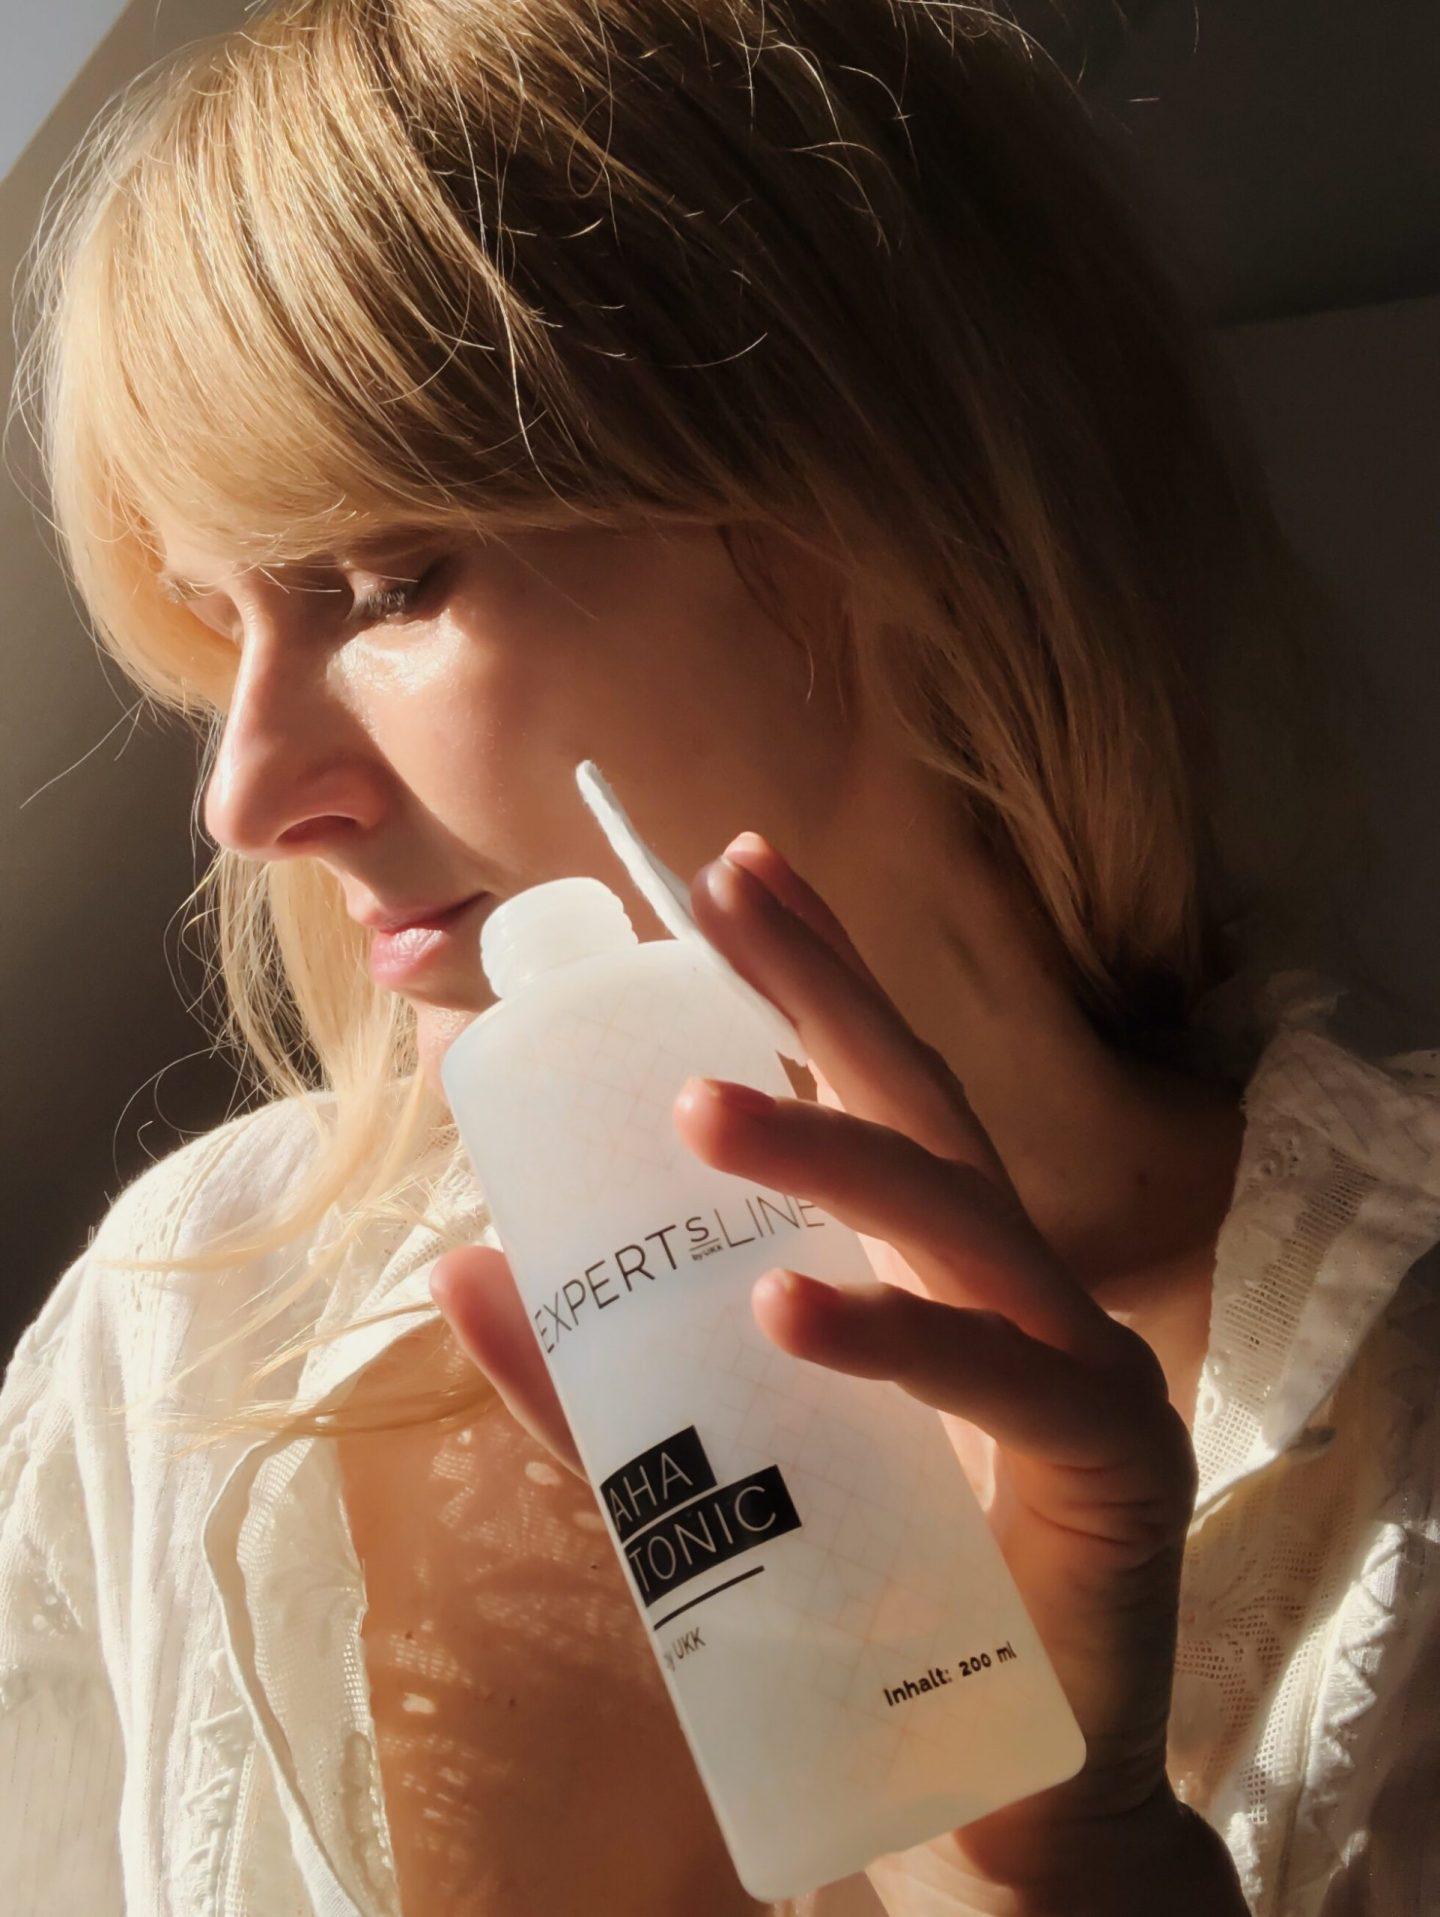 Fruchtsäure Peeling -Unterschiede - Expertsline AHA Tonic - Beauty Blog über 40